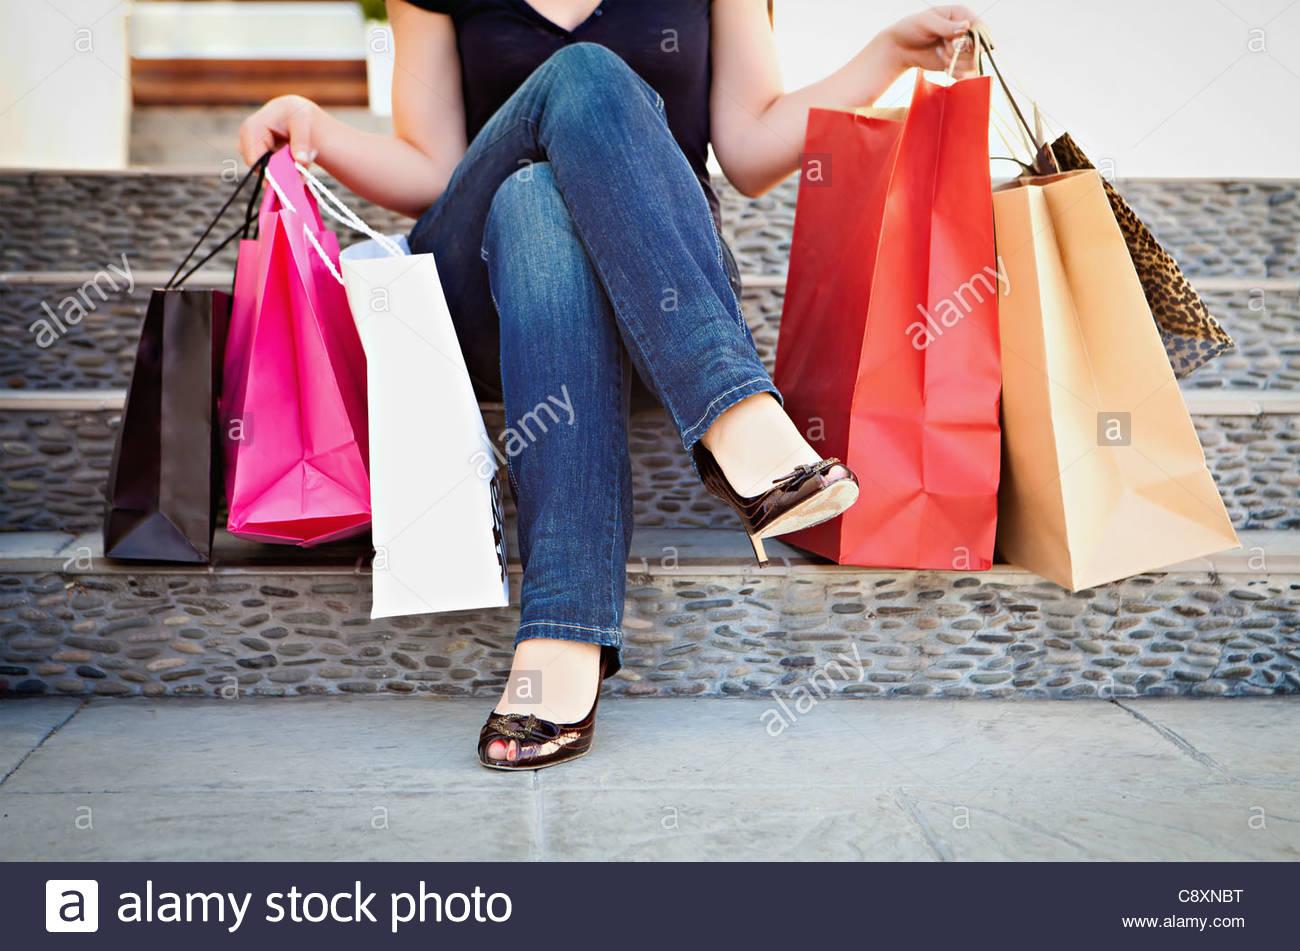 Stati Uniti, California, Lawndale, Donna seduta sui gradini con borse per lo shopping Immagini Stock